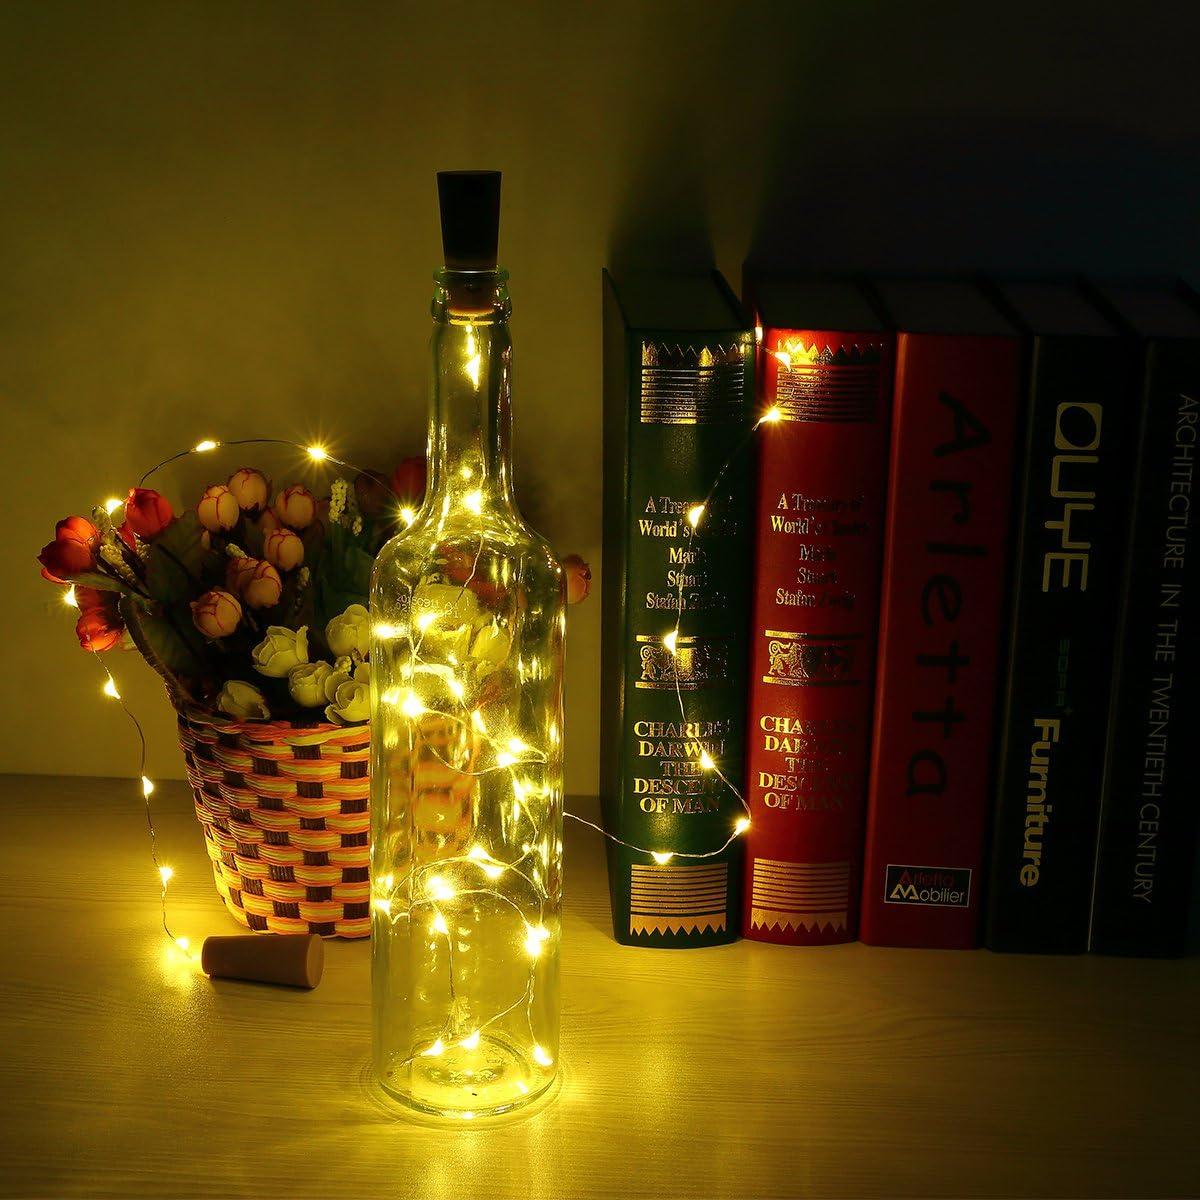 6pcs Botella Luces – 100cm botella de luz Con 20 bombillas LED, lampara botellas para la botella DIY, partido, decoración, la Navidad, Víspera de Todos los Santos, boda (Blanco cálido)